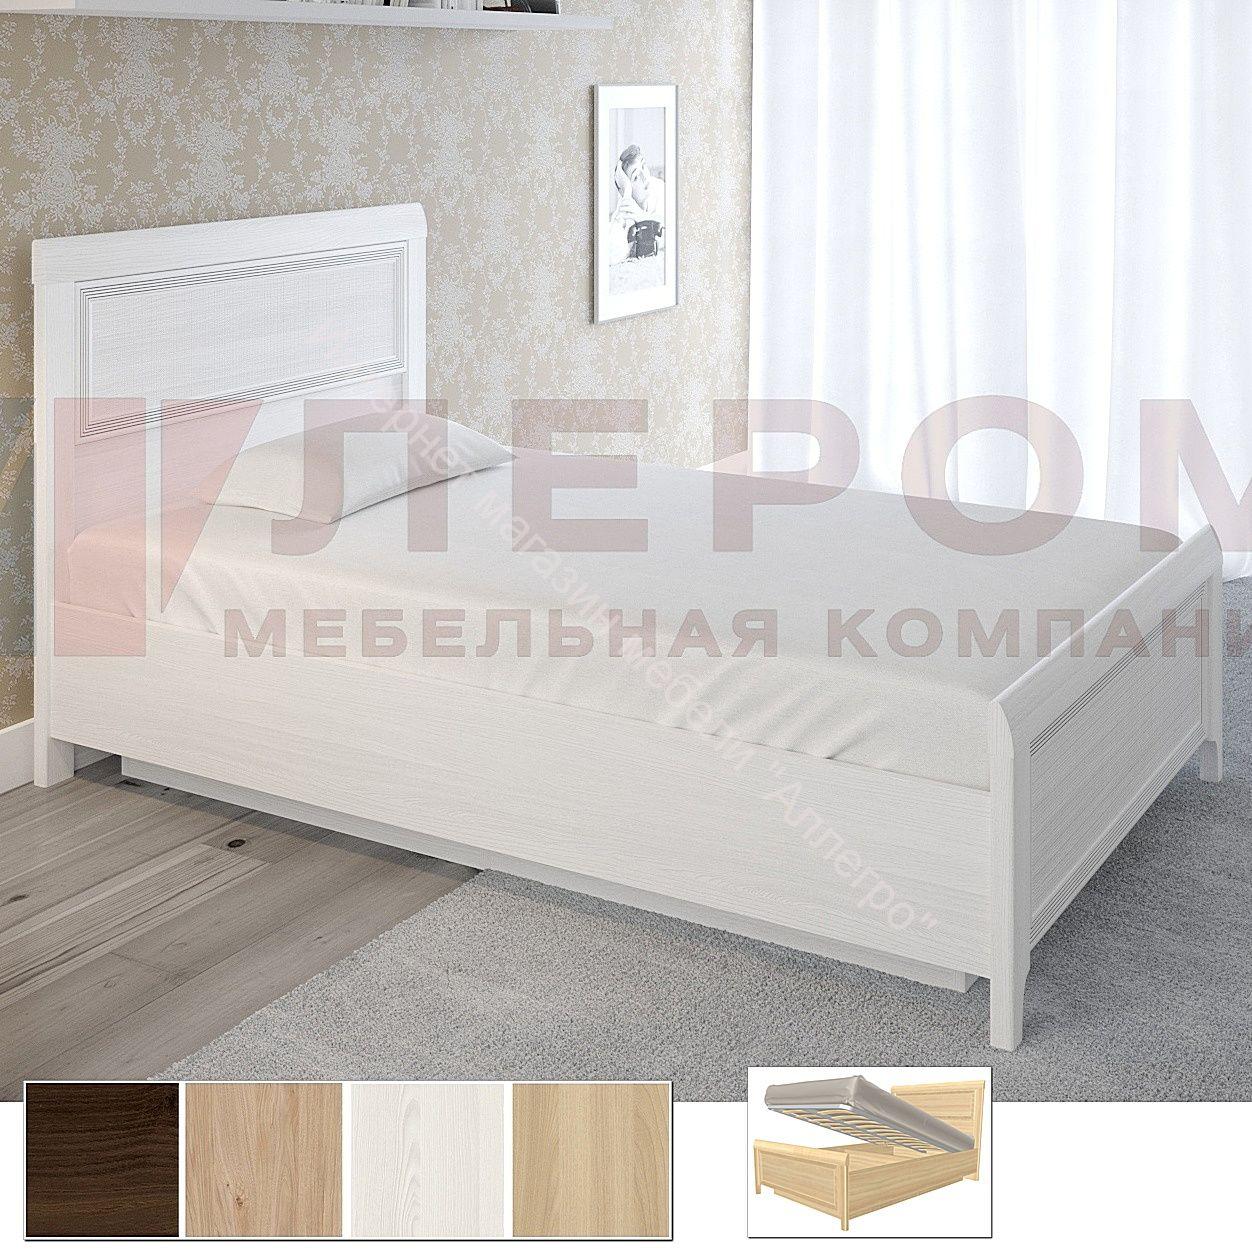 Карина Кровать КР-1021 (1,2х2,0) с П /мех. и жестким высоким изголовьем